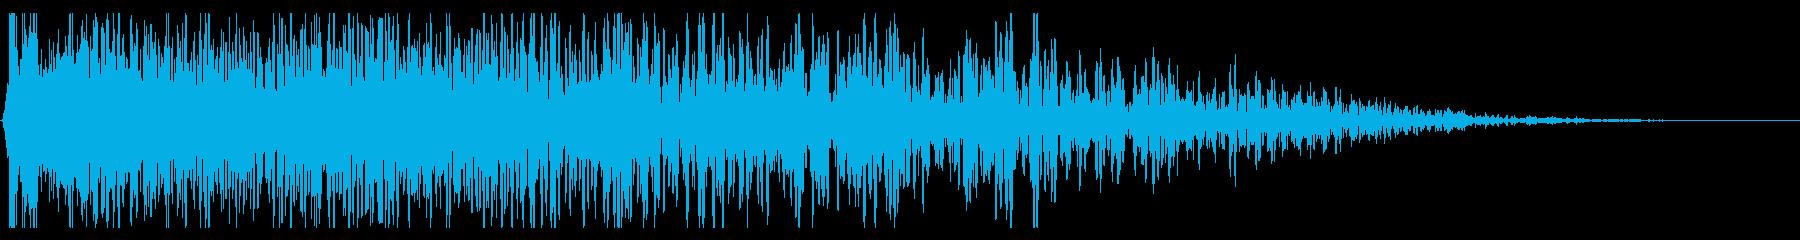 ディストーショントレイルによるシン...の再生済みの波形